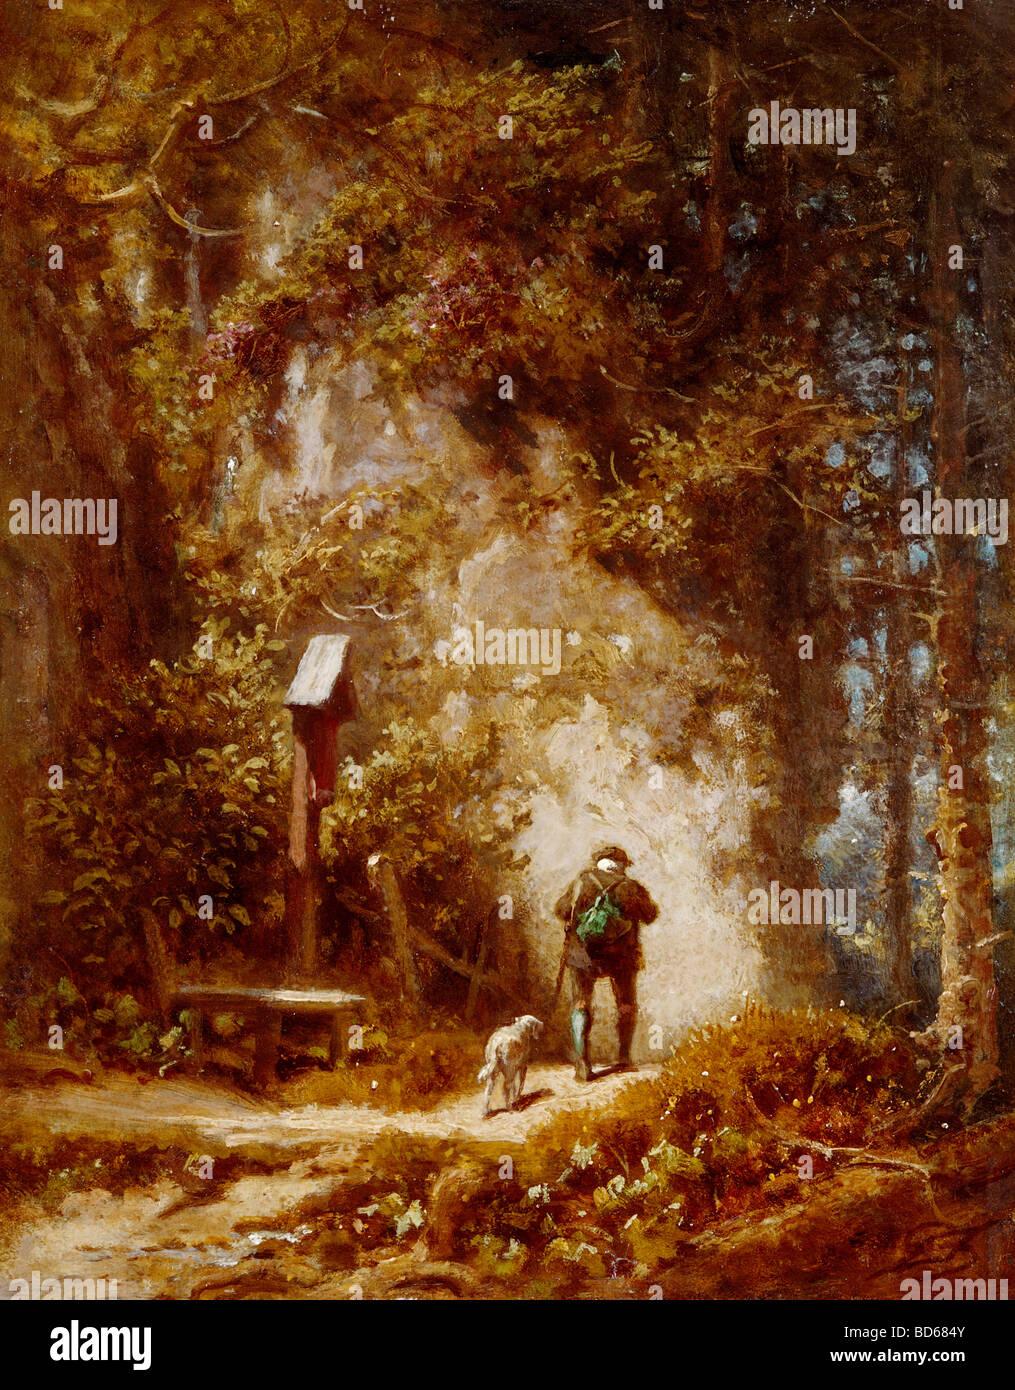 Bellas artes, Spitzweg, CARL (1808 - 1885), la pintura, el cazador en el bosque, Wimmer Gallery, Munich, madera, Foto de stock